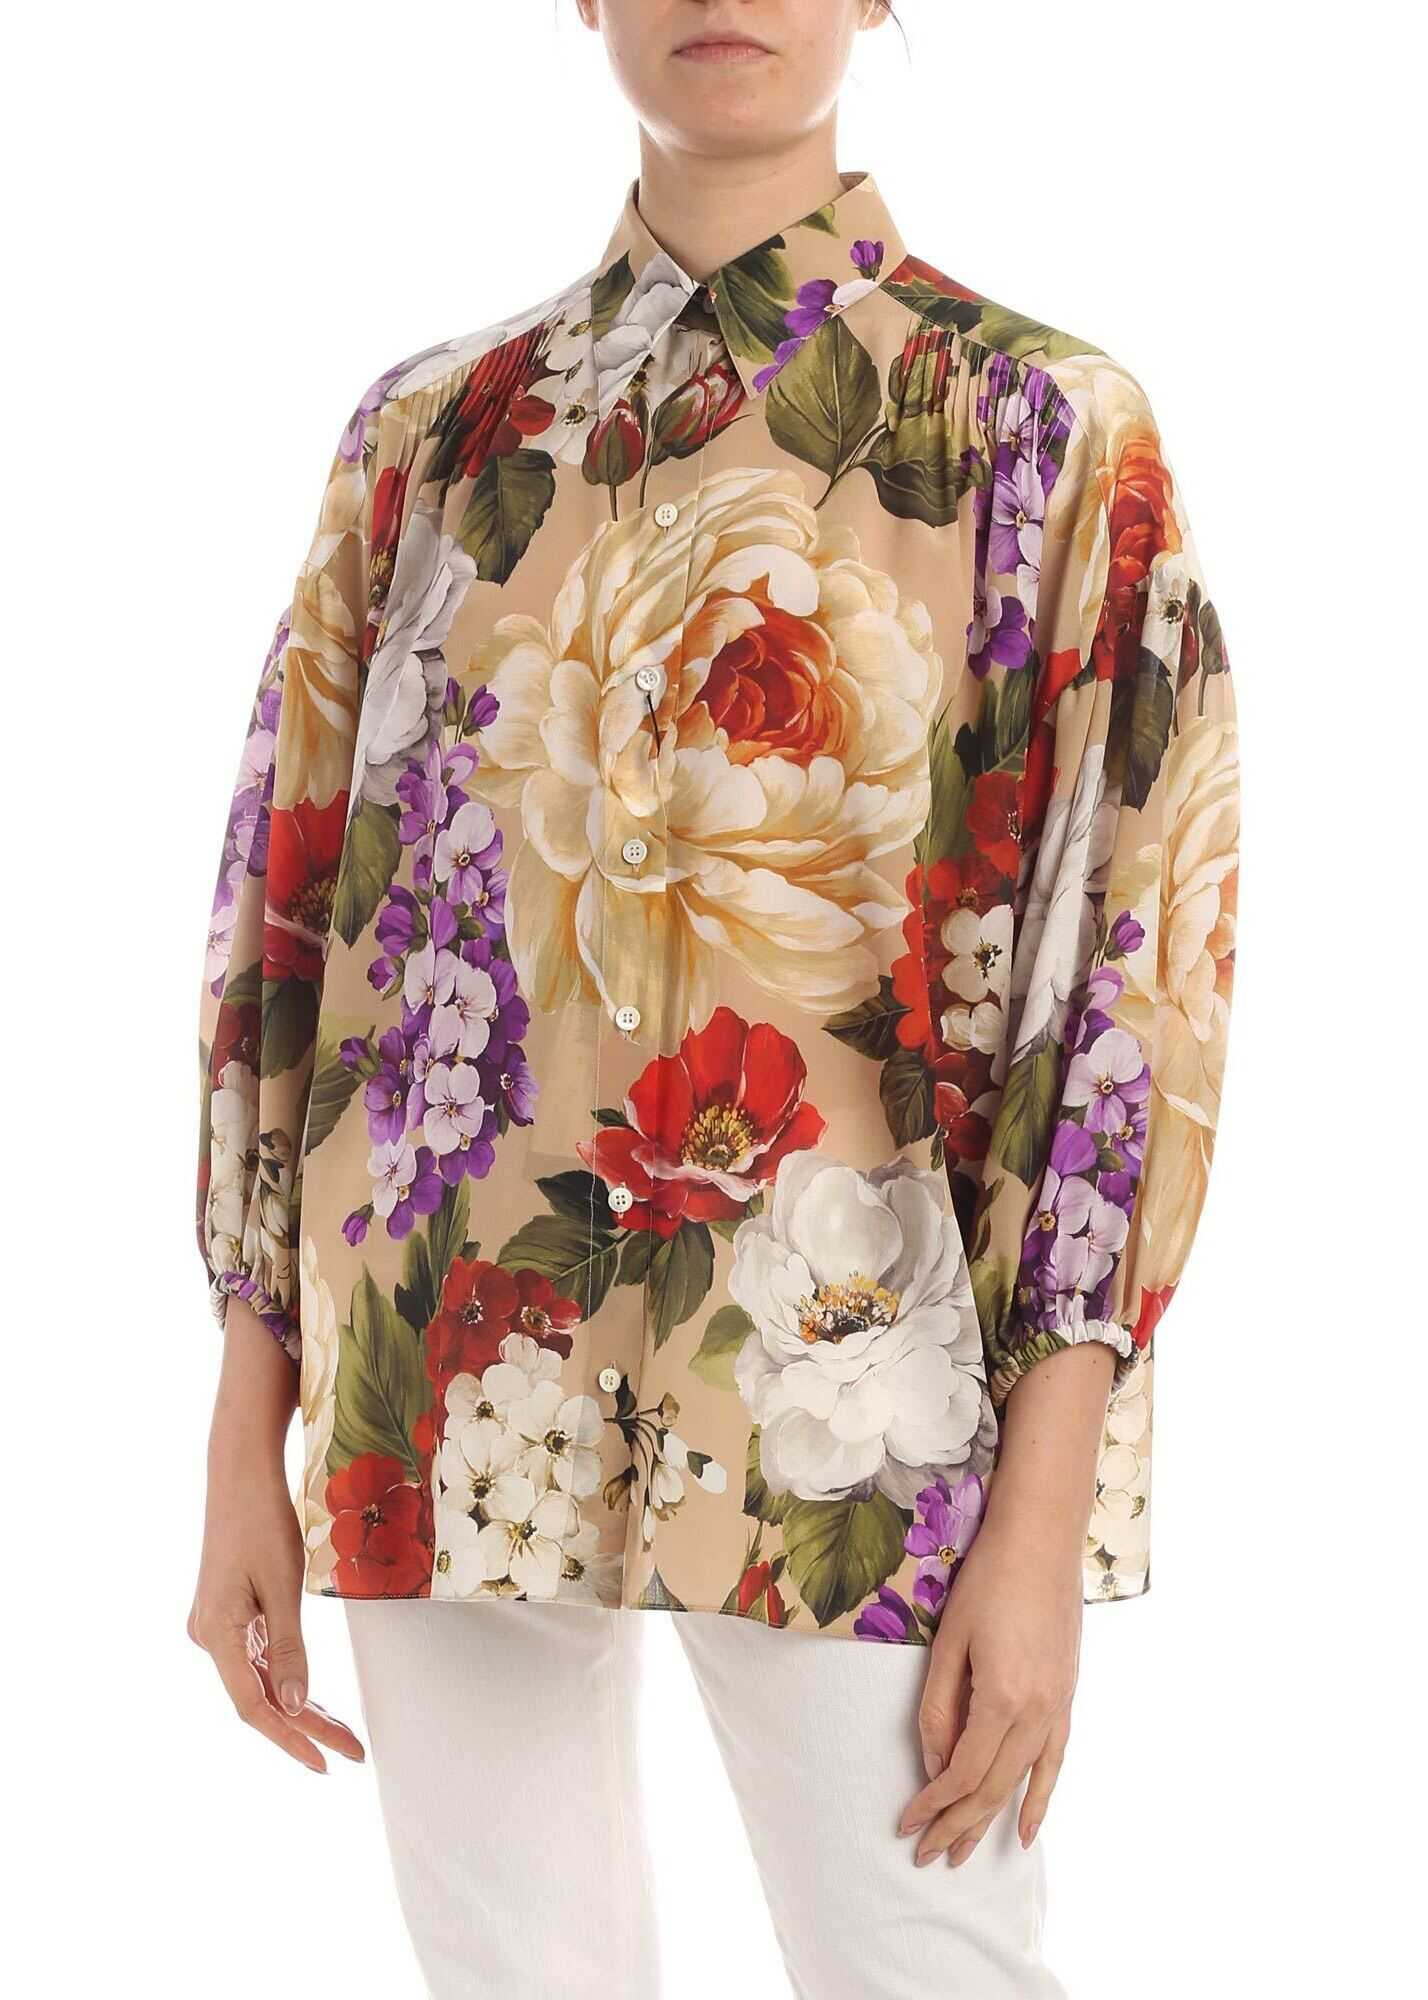 Dolce & Gabbana Flower Print Shirt In Beige Beige